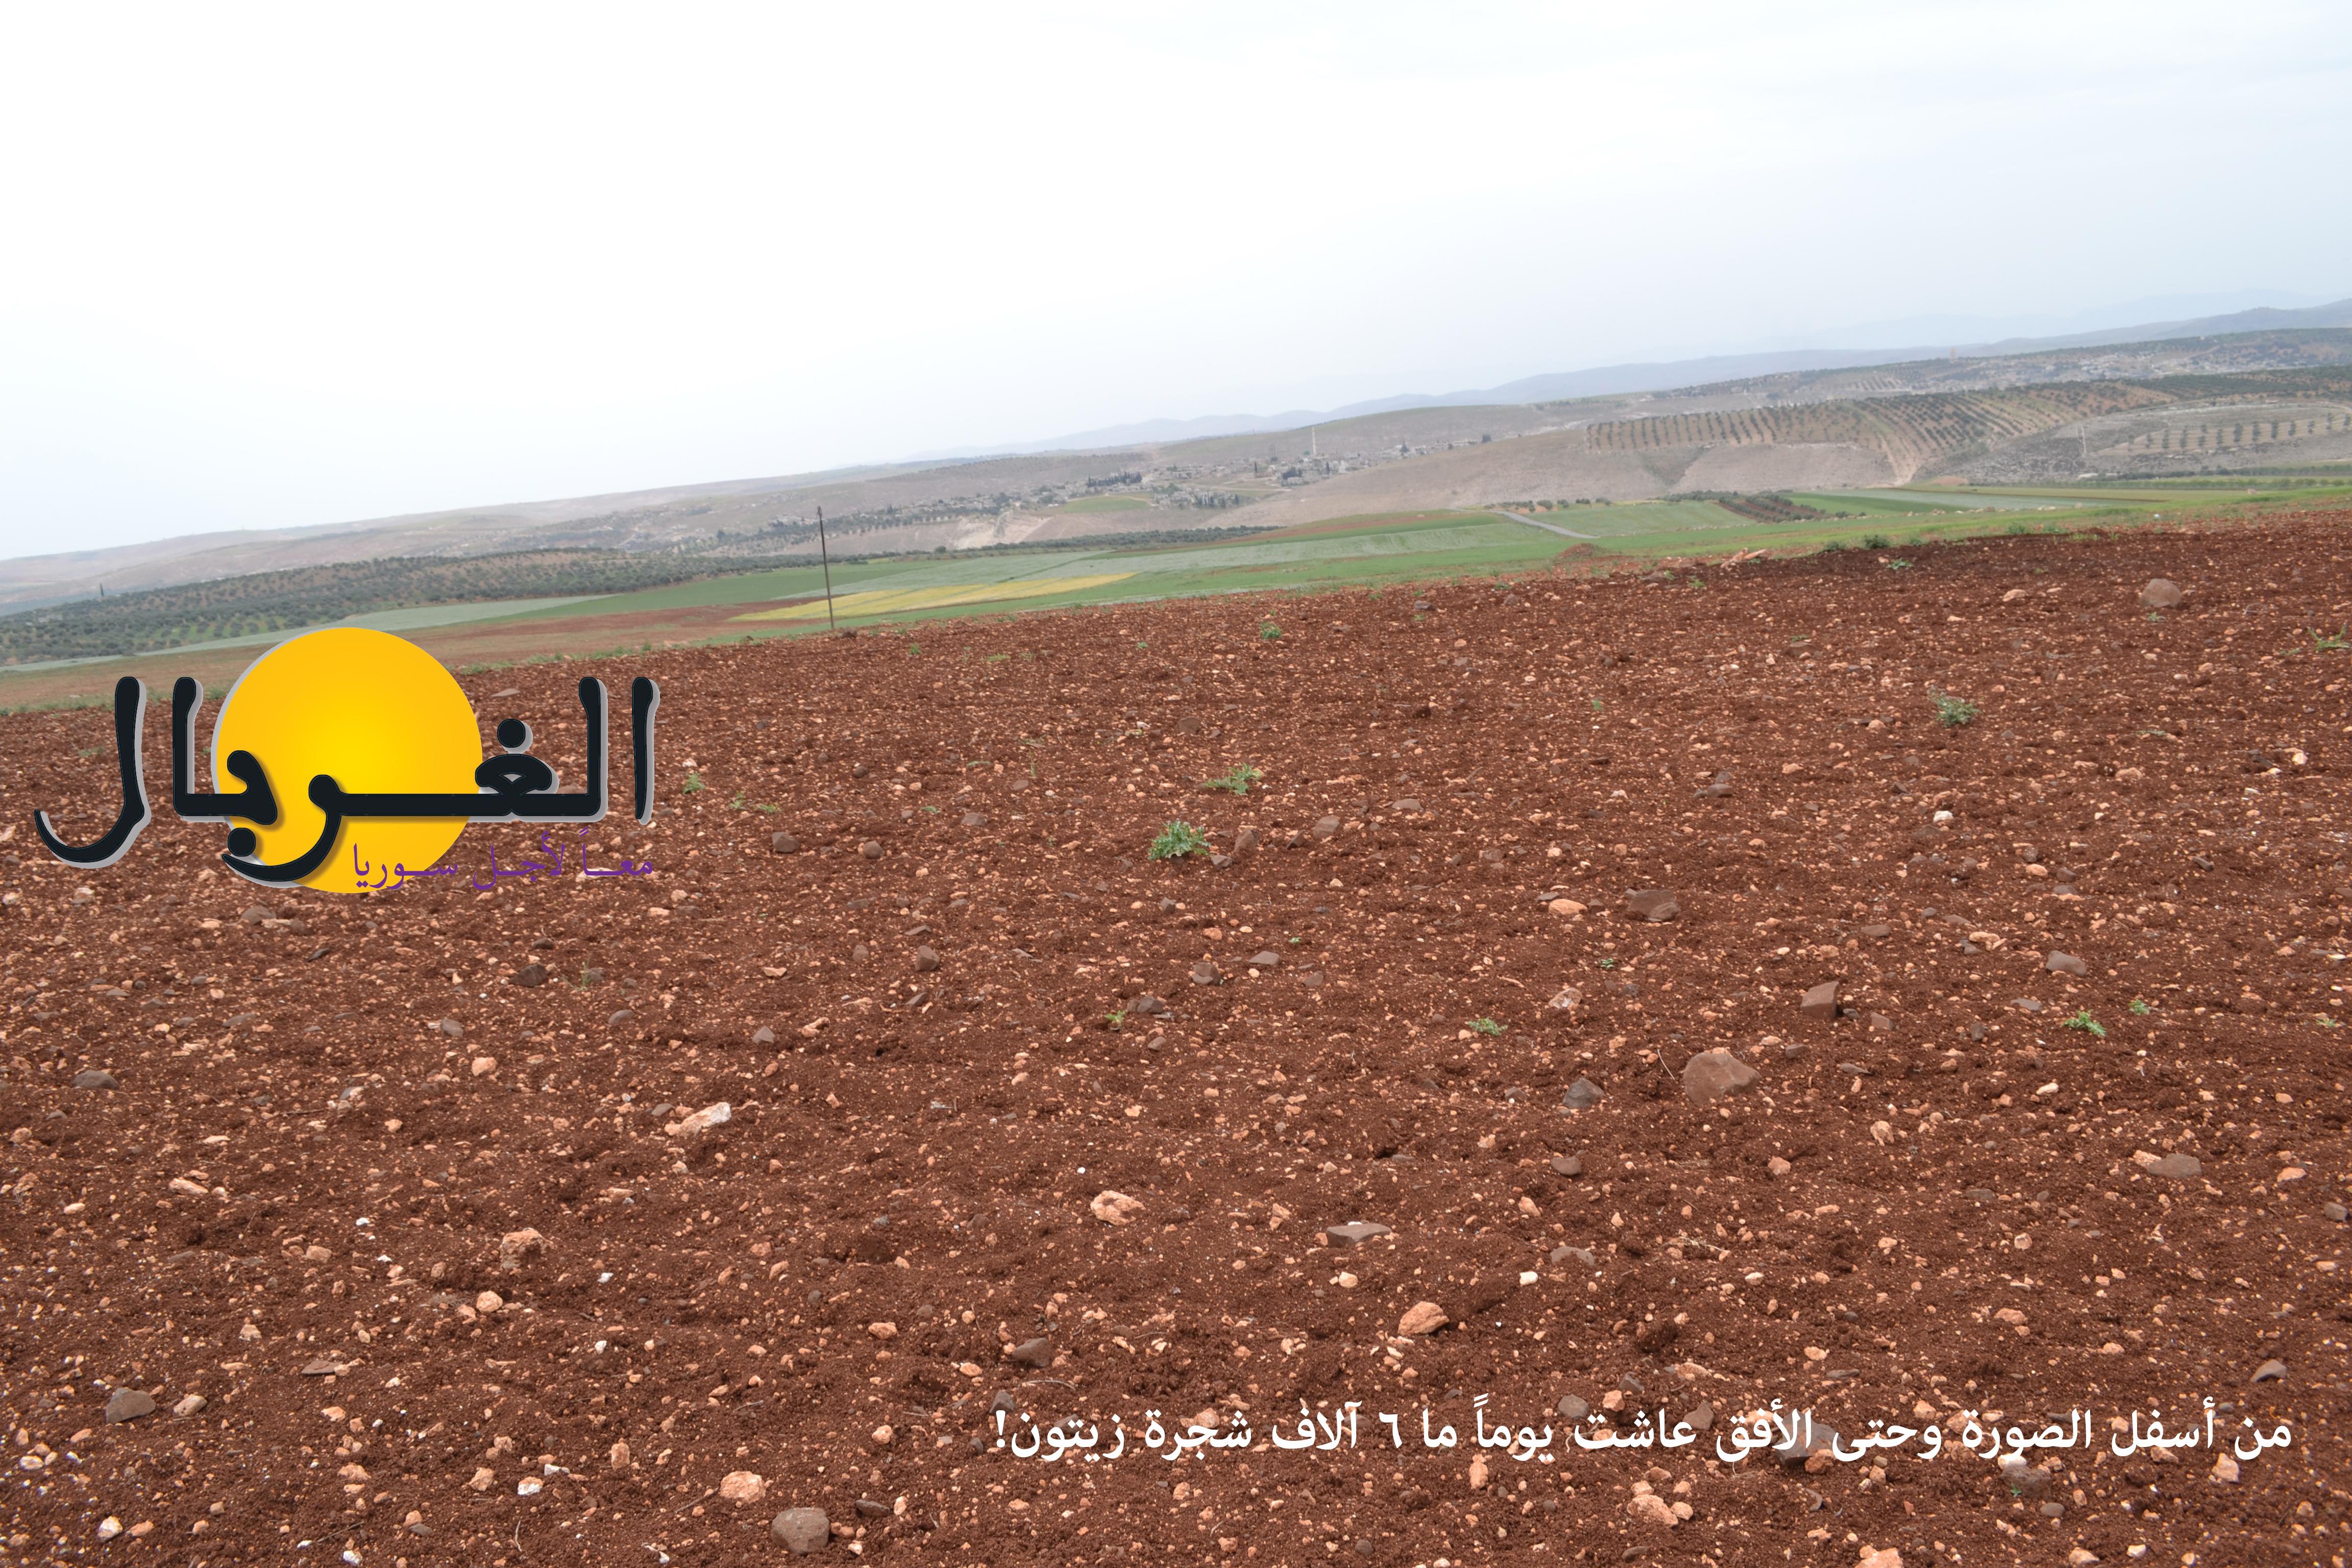 إعدام ستة آلاف شجرة زيتون مؤيدة – فريق الغربال